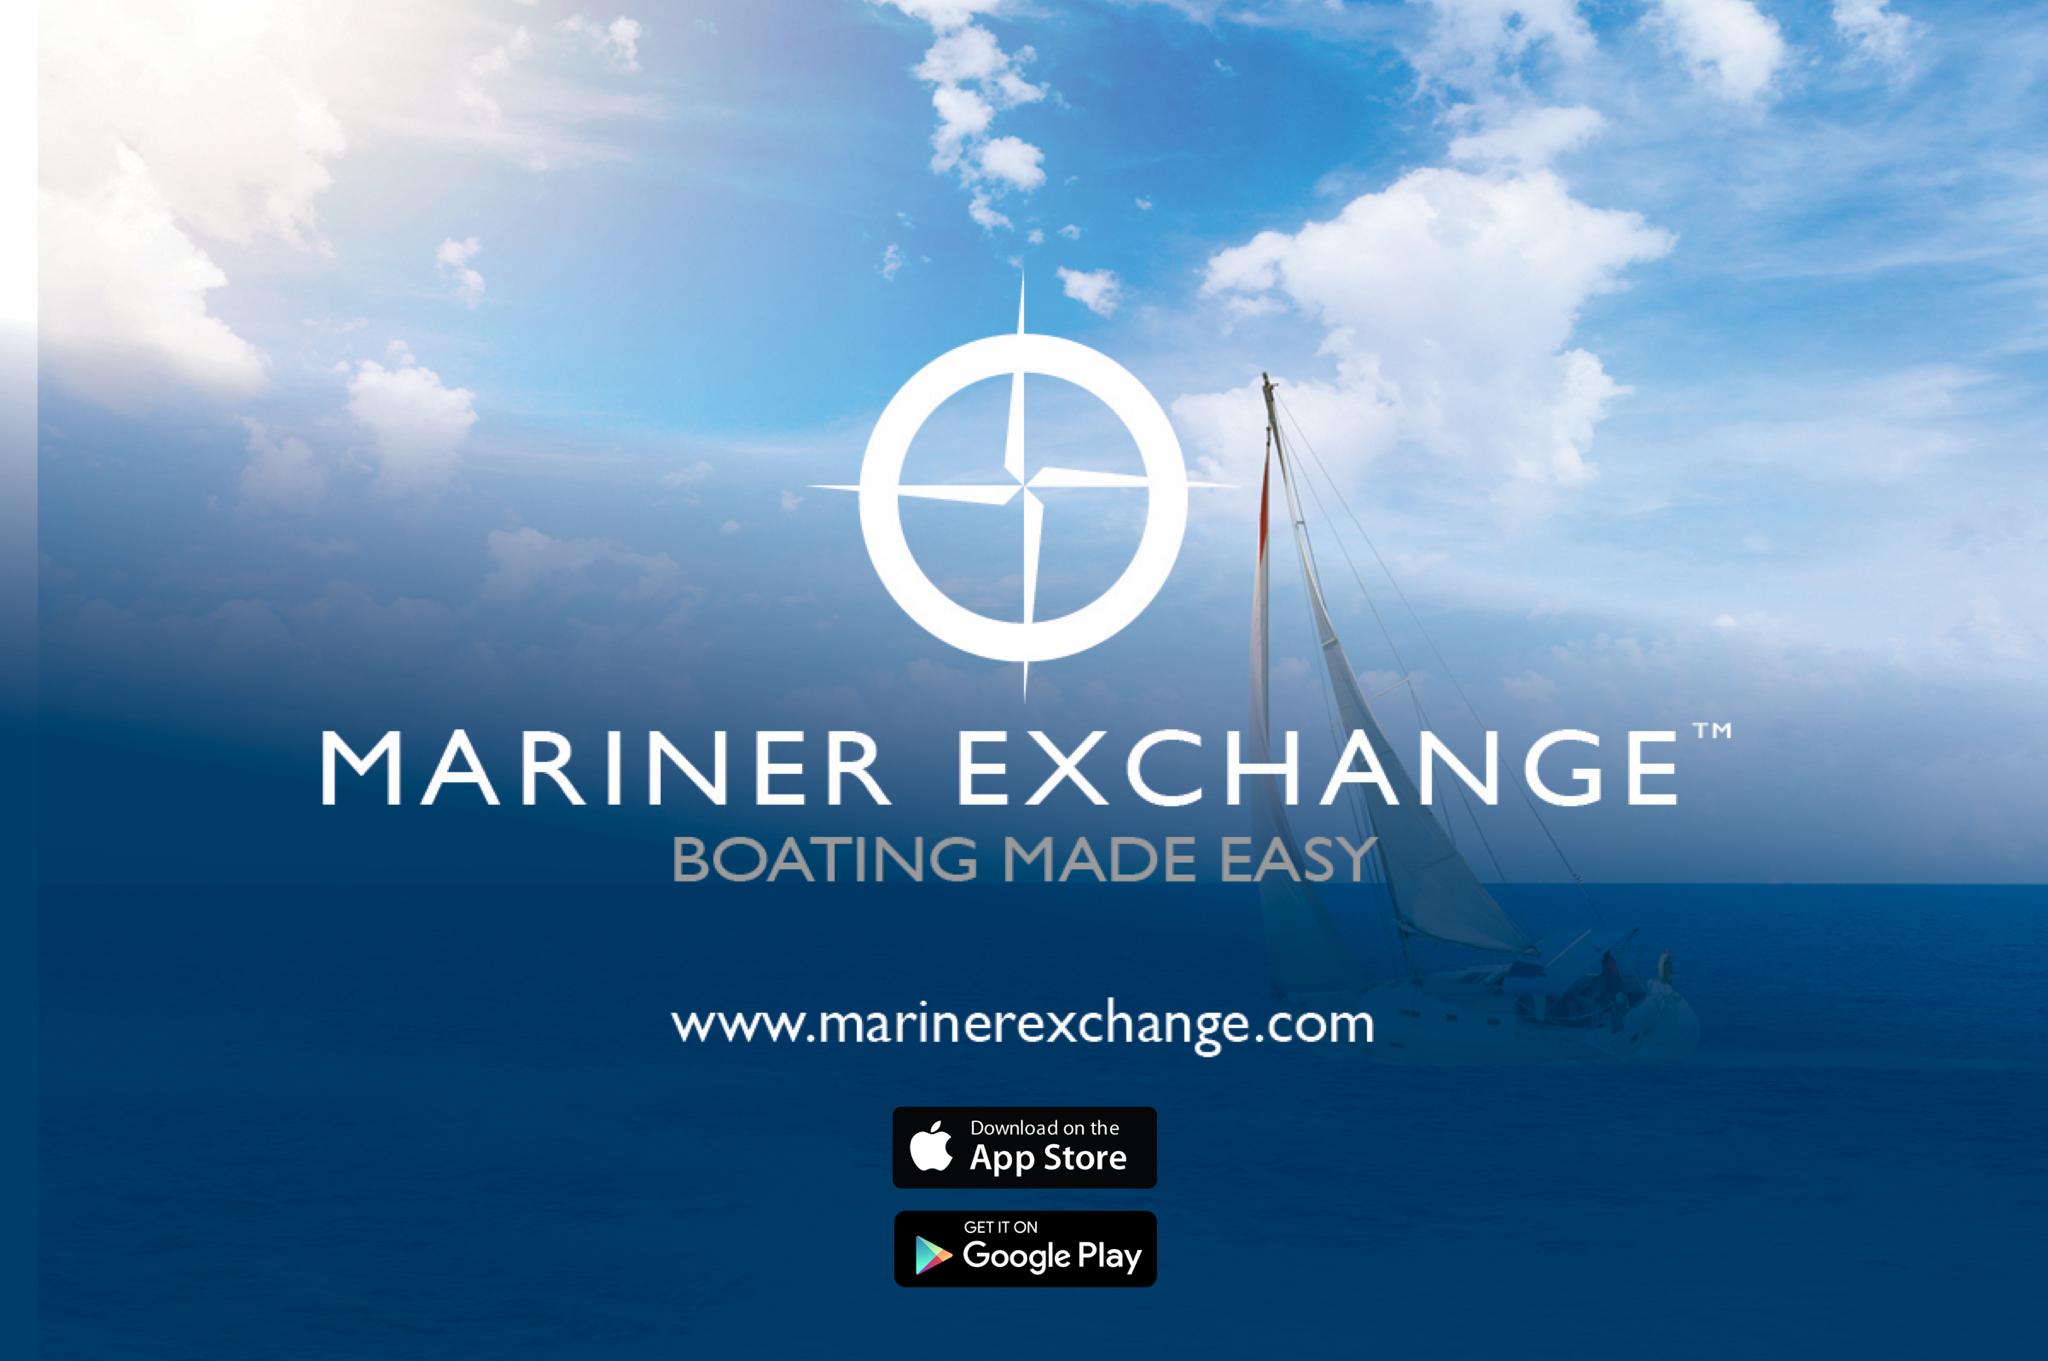 mariner exchange